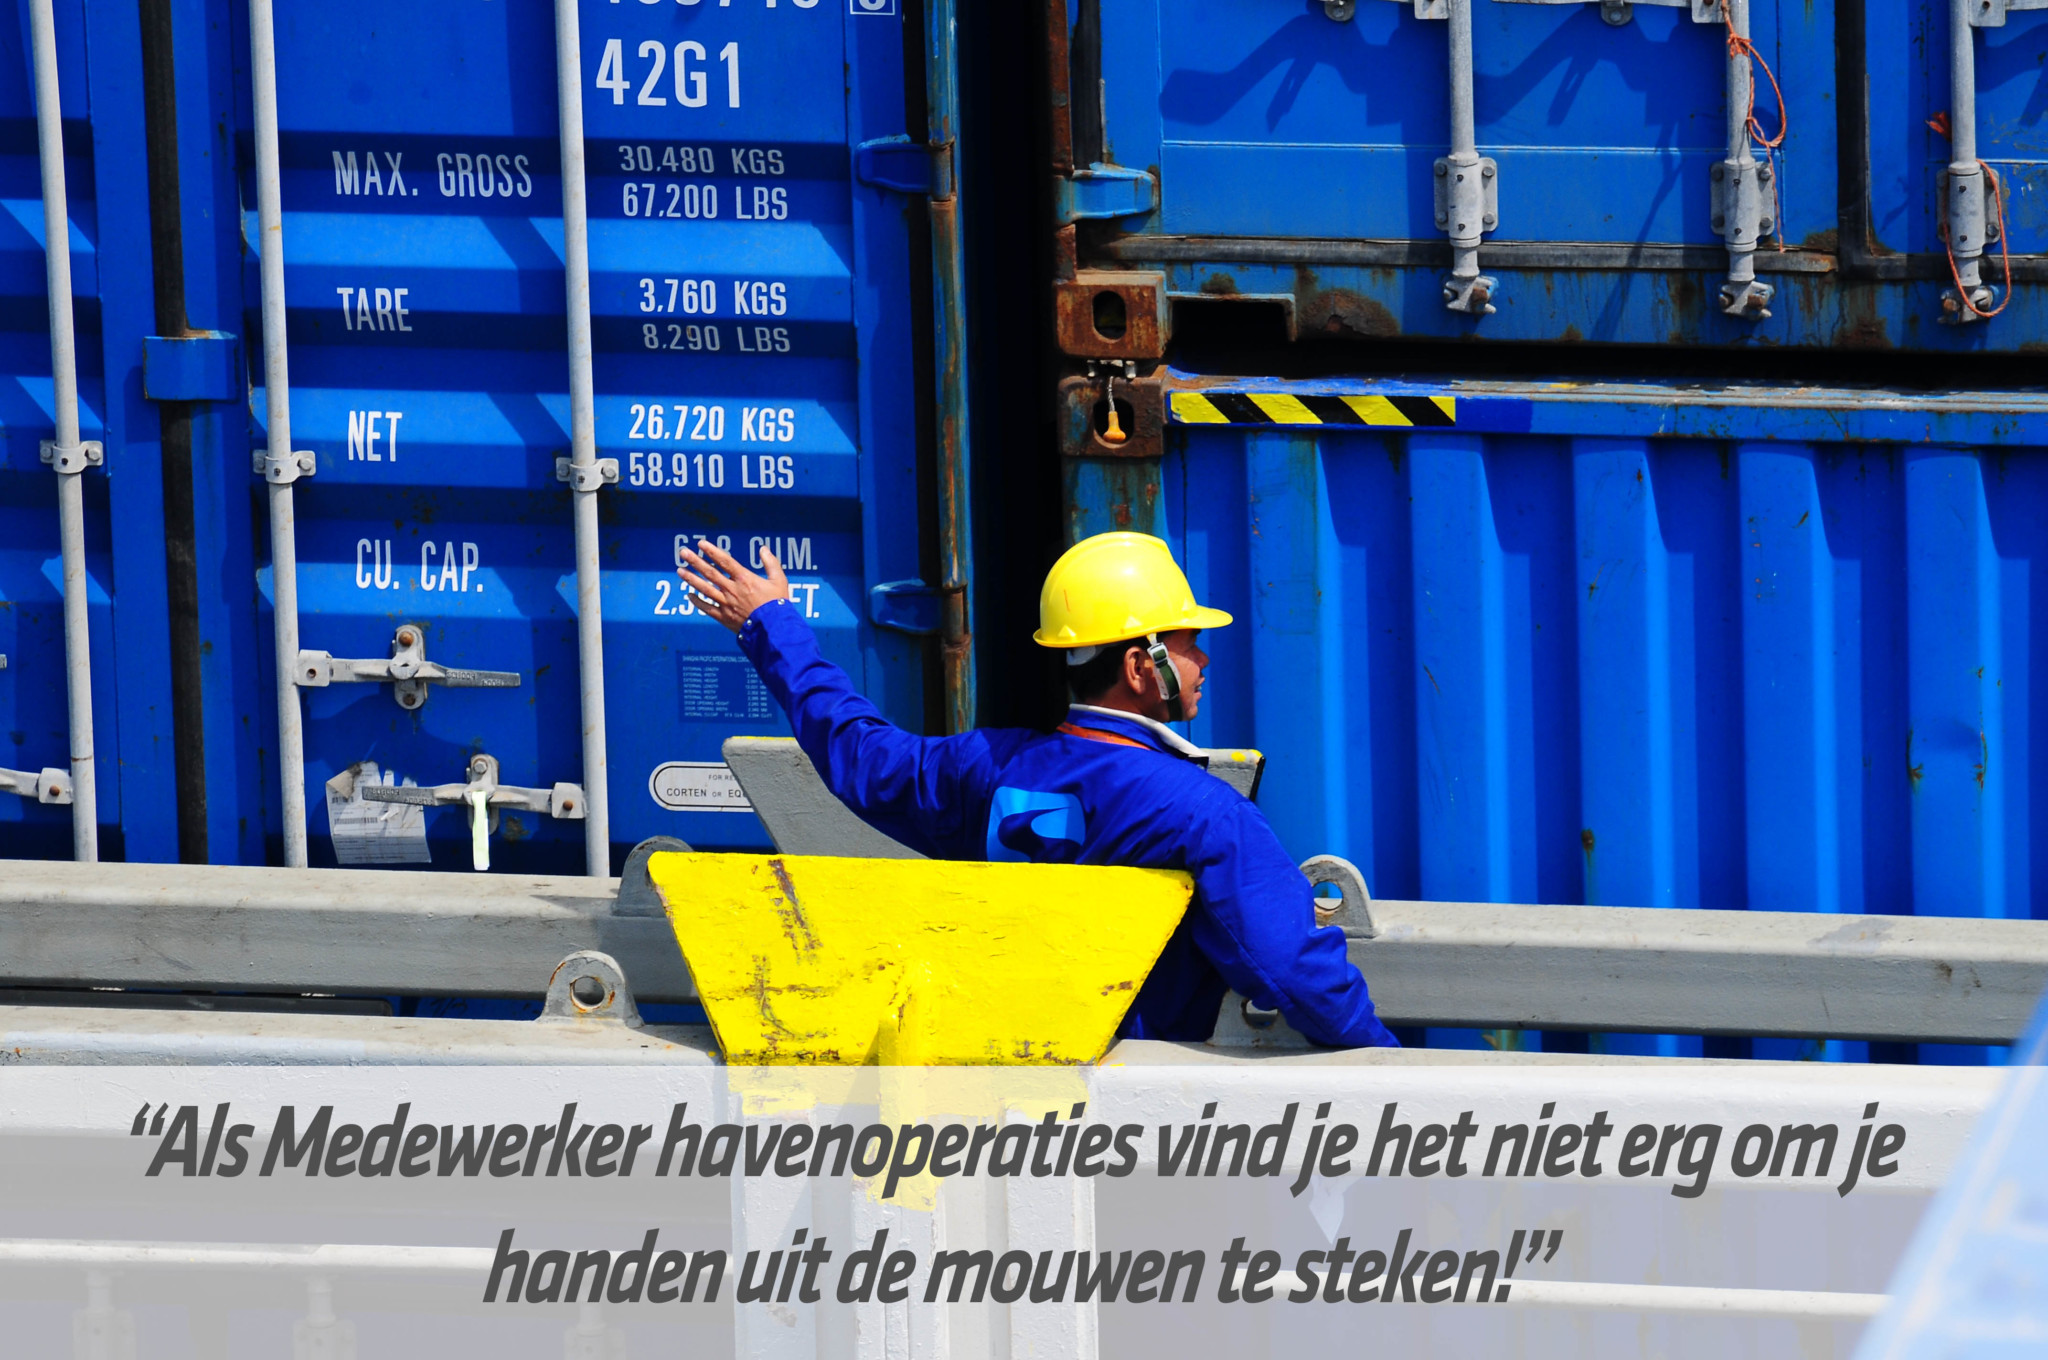 Mbo-opleiding medewerker havenoperaties | STC mbo college Rotterdam